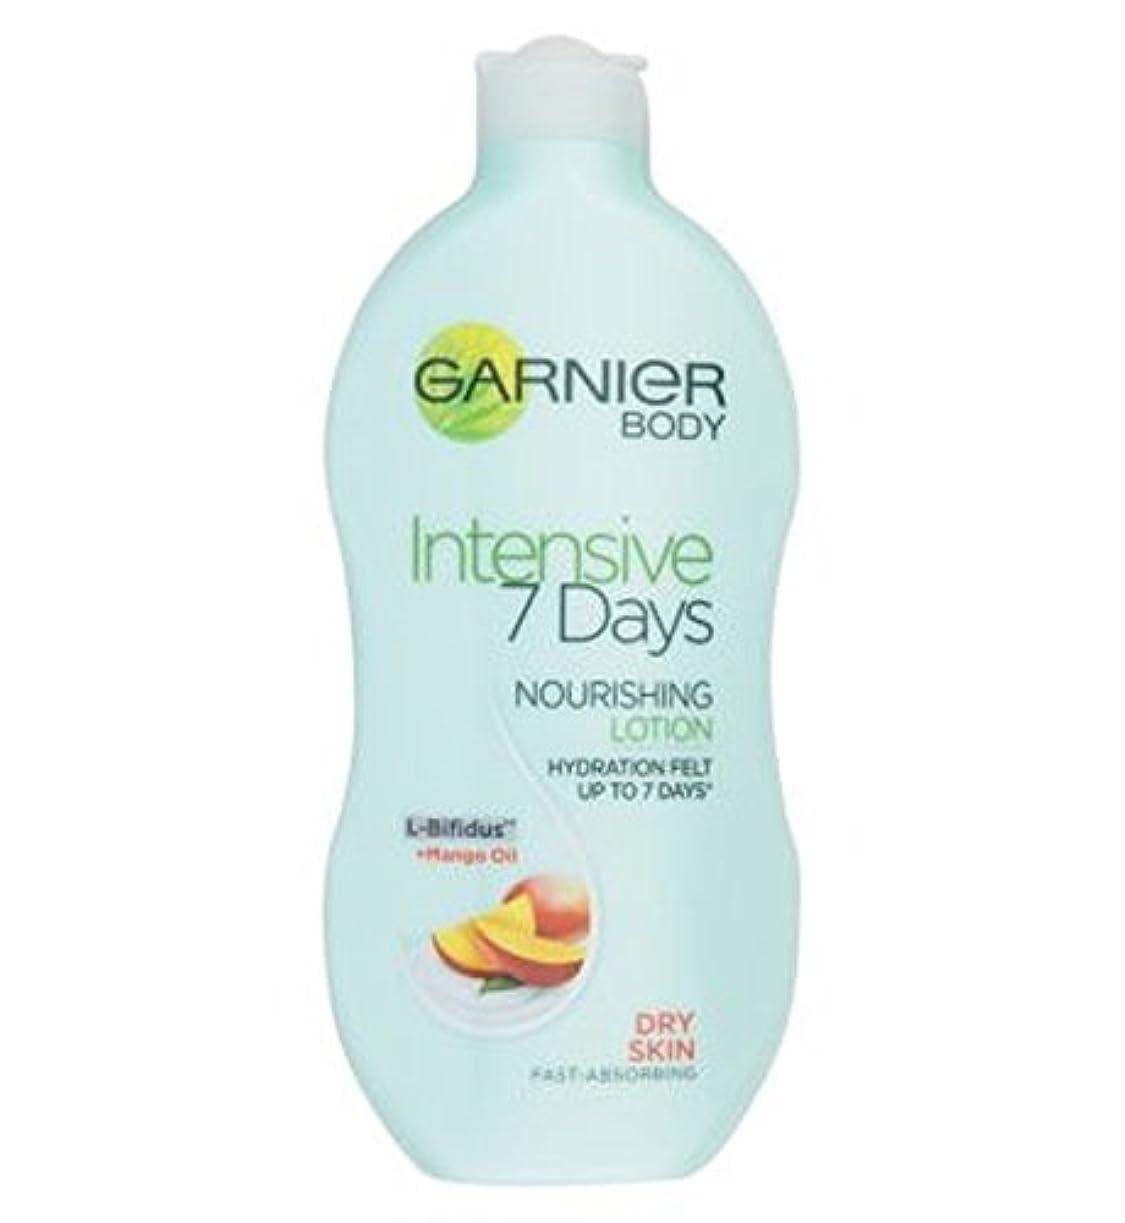 ジャム気球反抗乾燥肌の400ミリリットルのための栄養マンゴーオイルとガルニエの集中7日間毎日ボディローション (Garnier) (x2) - Garnier Intensive 7 Days Daily Body Lotion with...